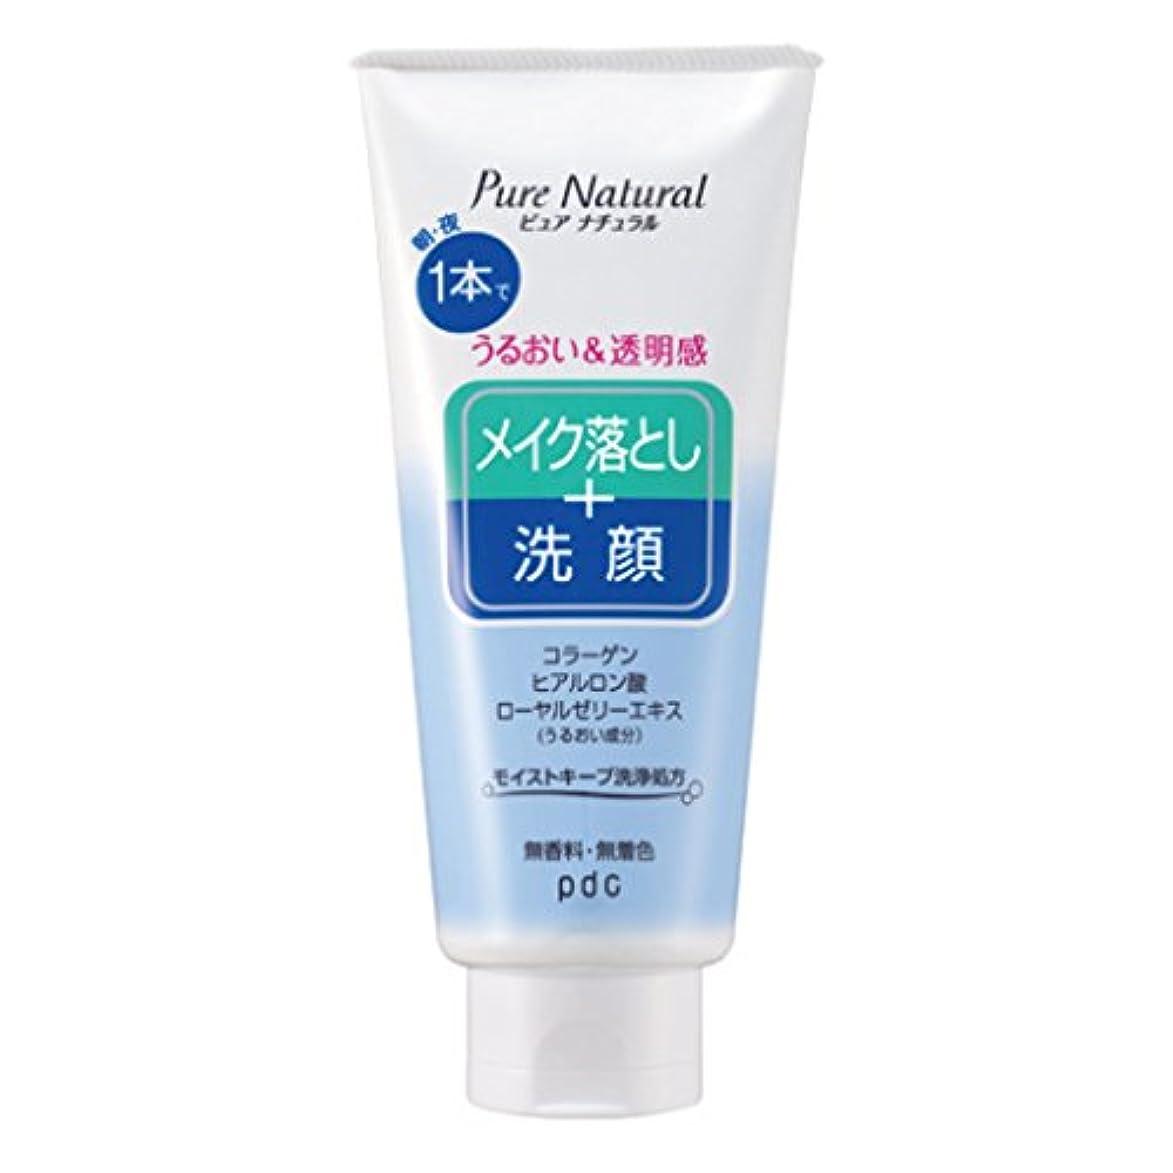 私たちのもの天使永久にPure NATURAL(ピュアナチュラル) クレンジング洗顔 170g